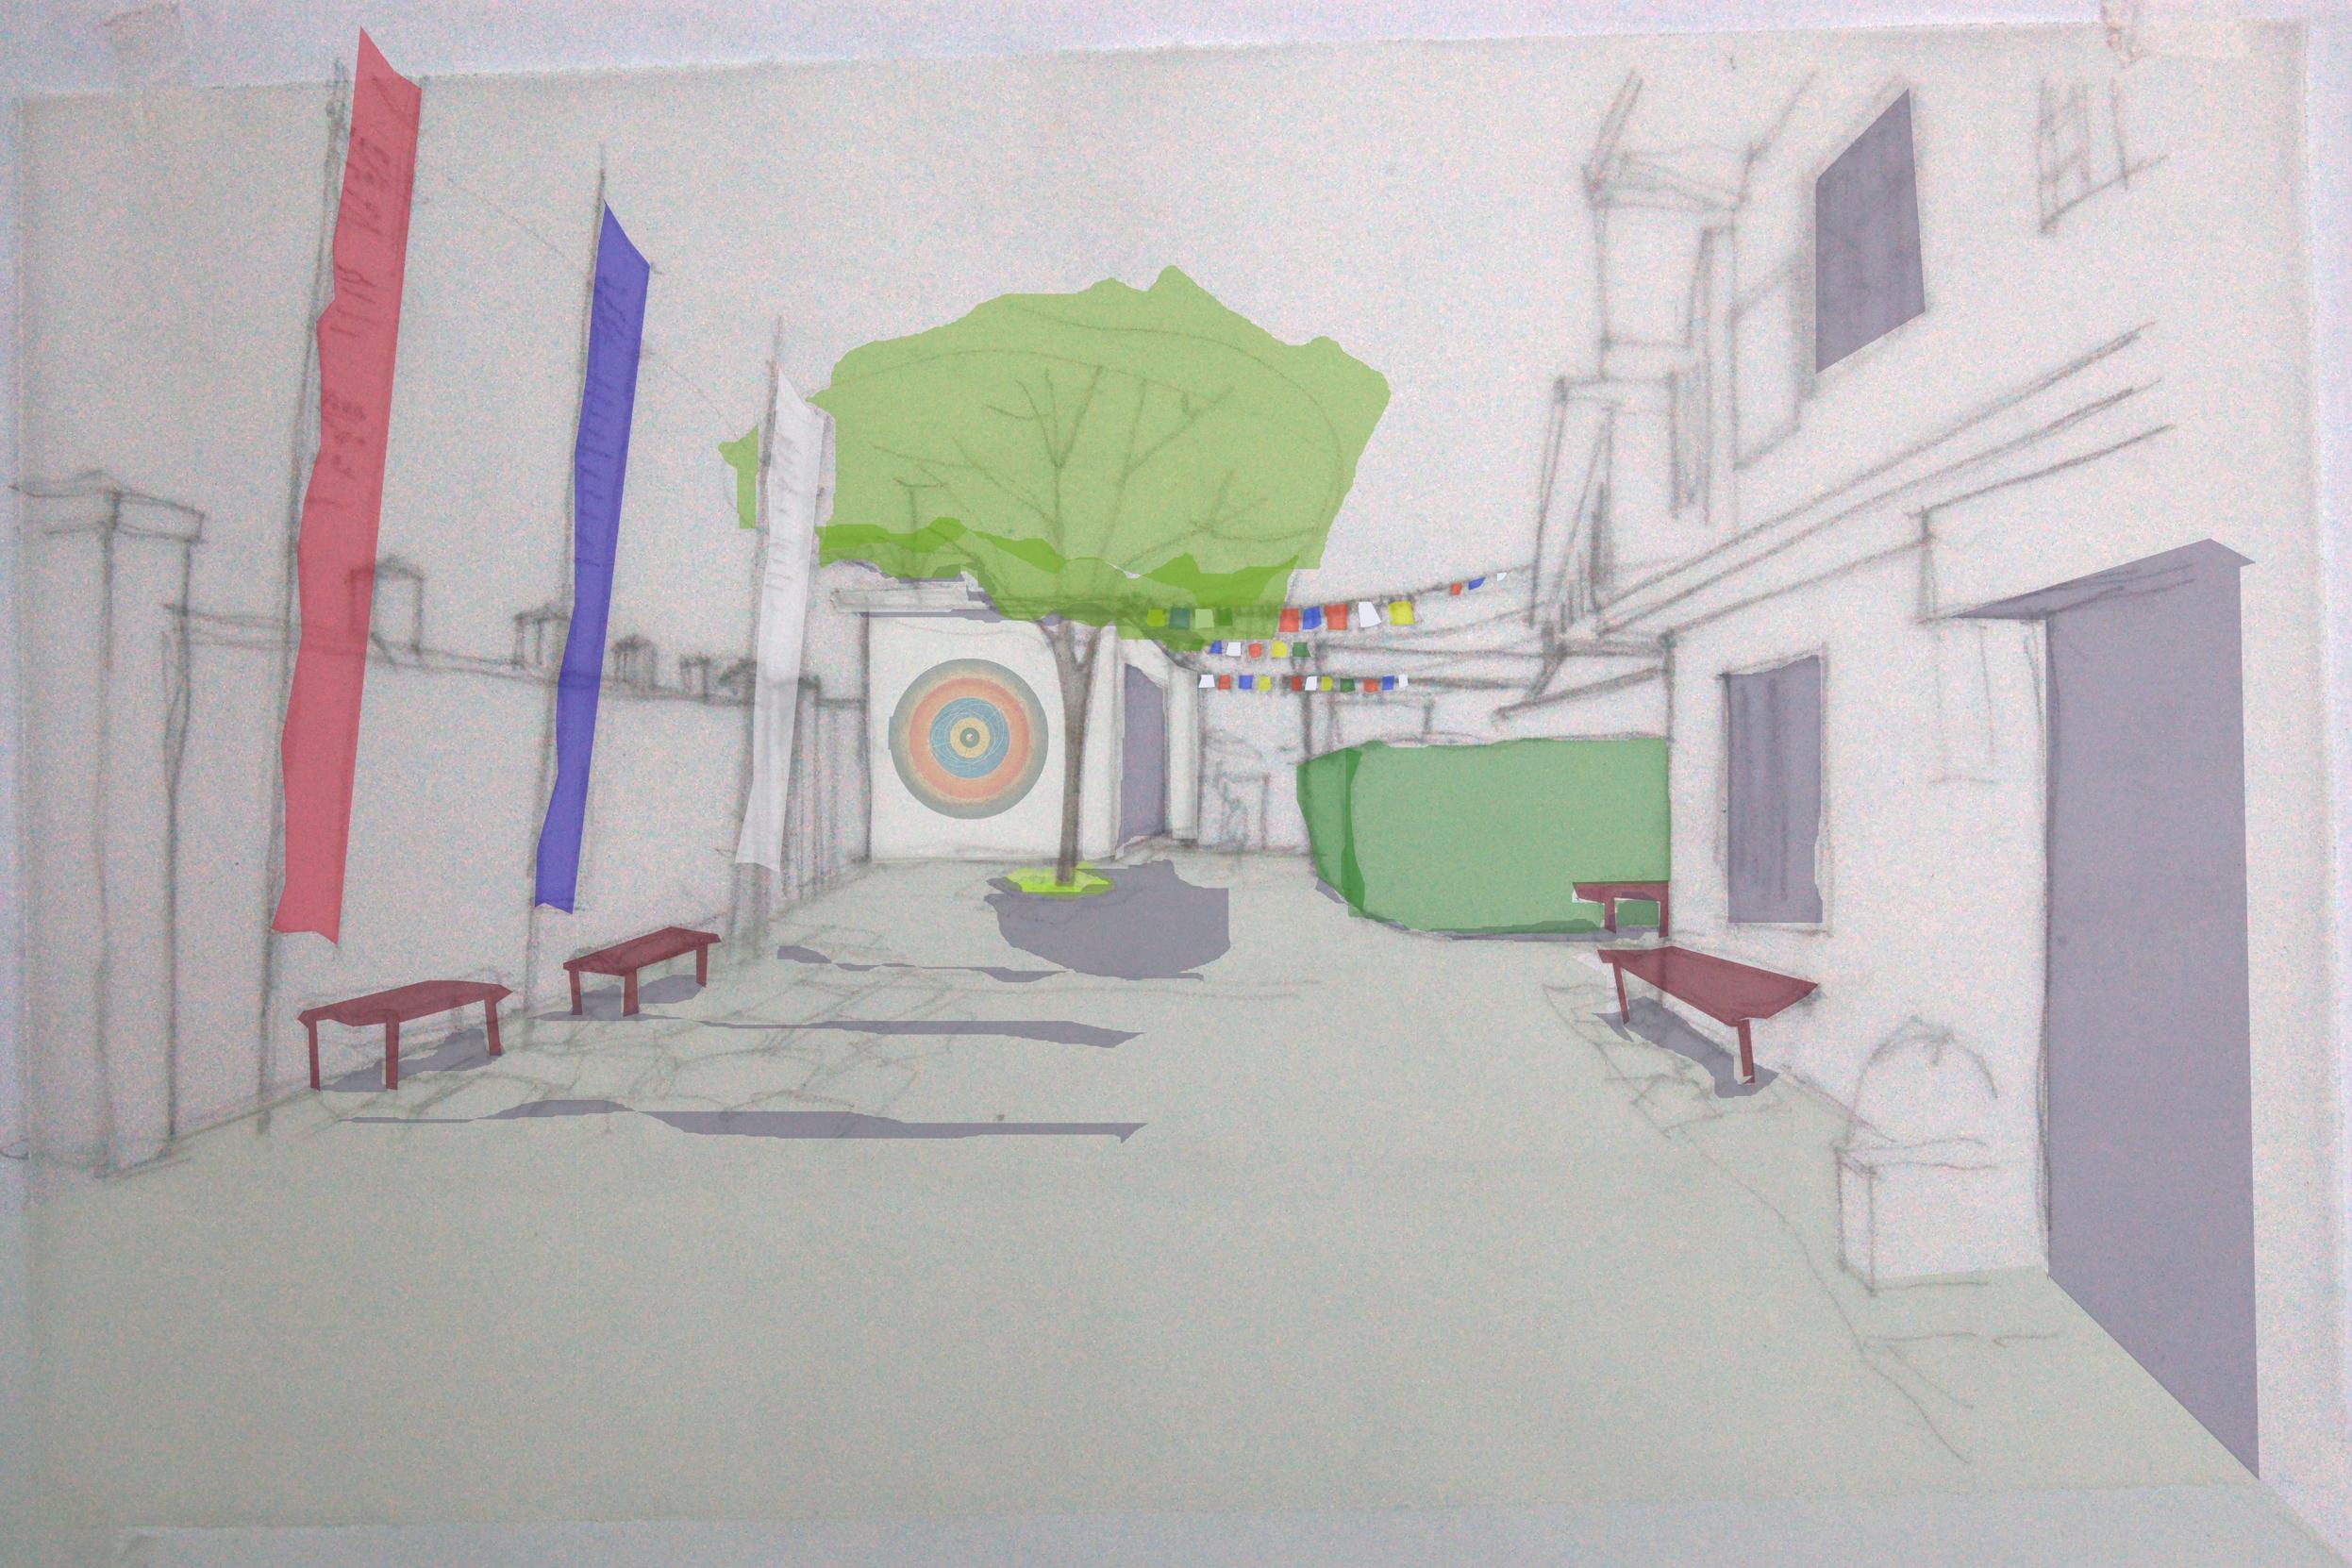 Illustrasjon av planlagte tiltak i sykehusets atkomstparti